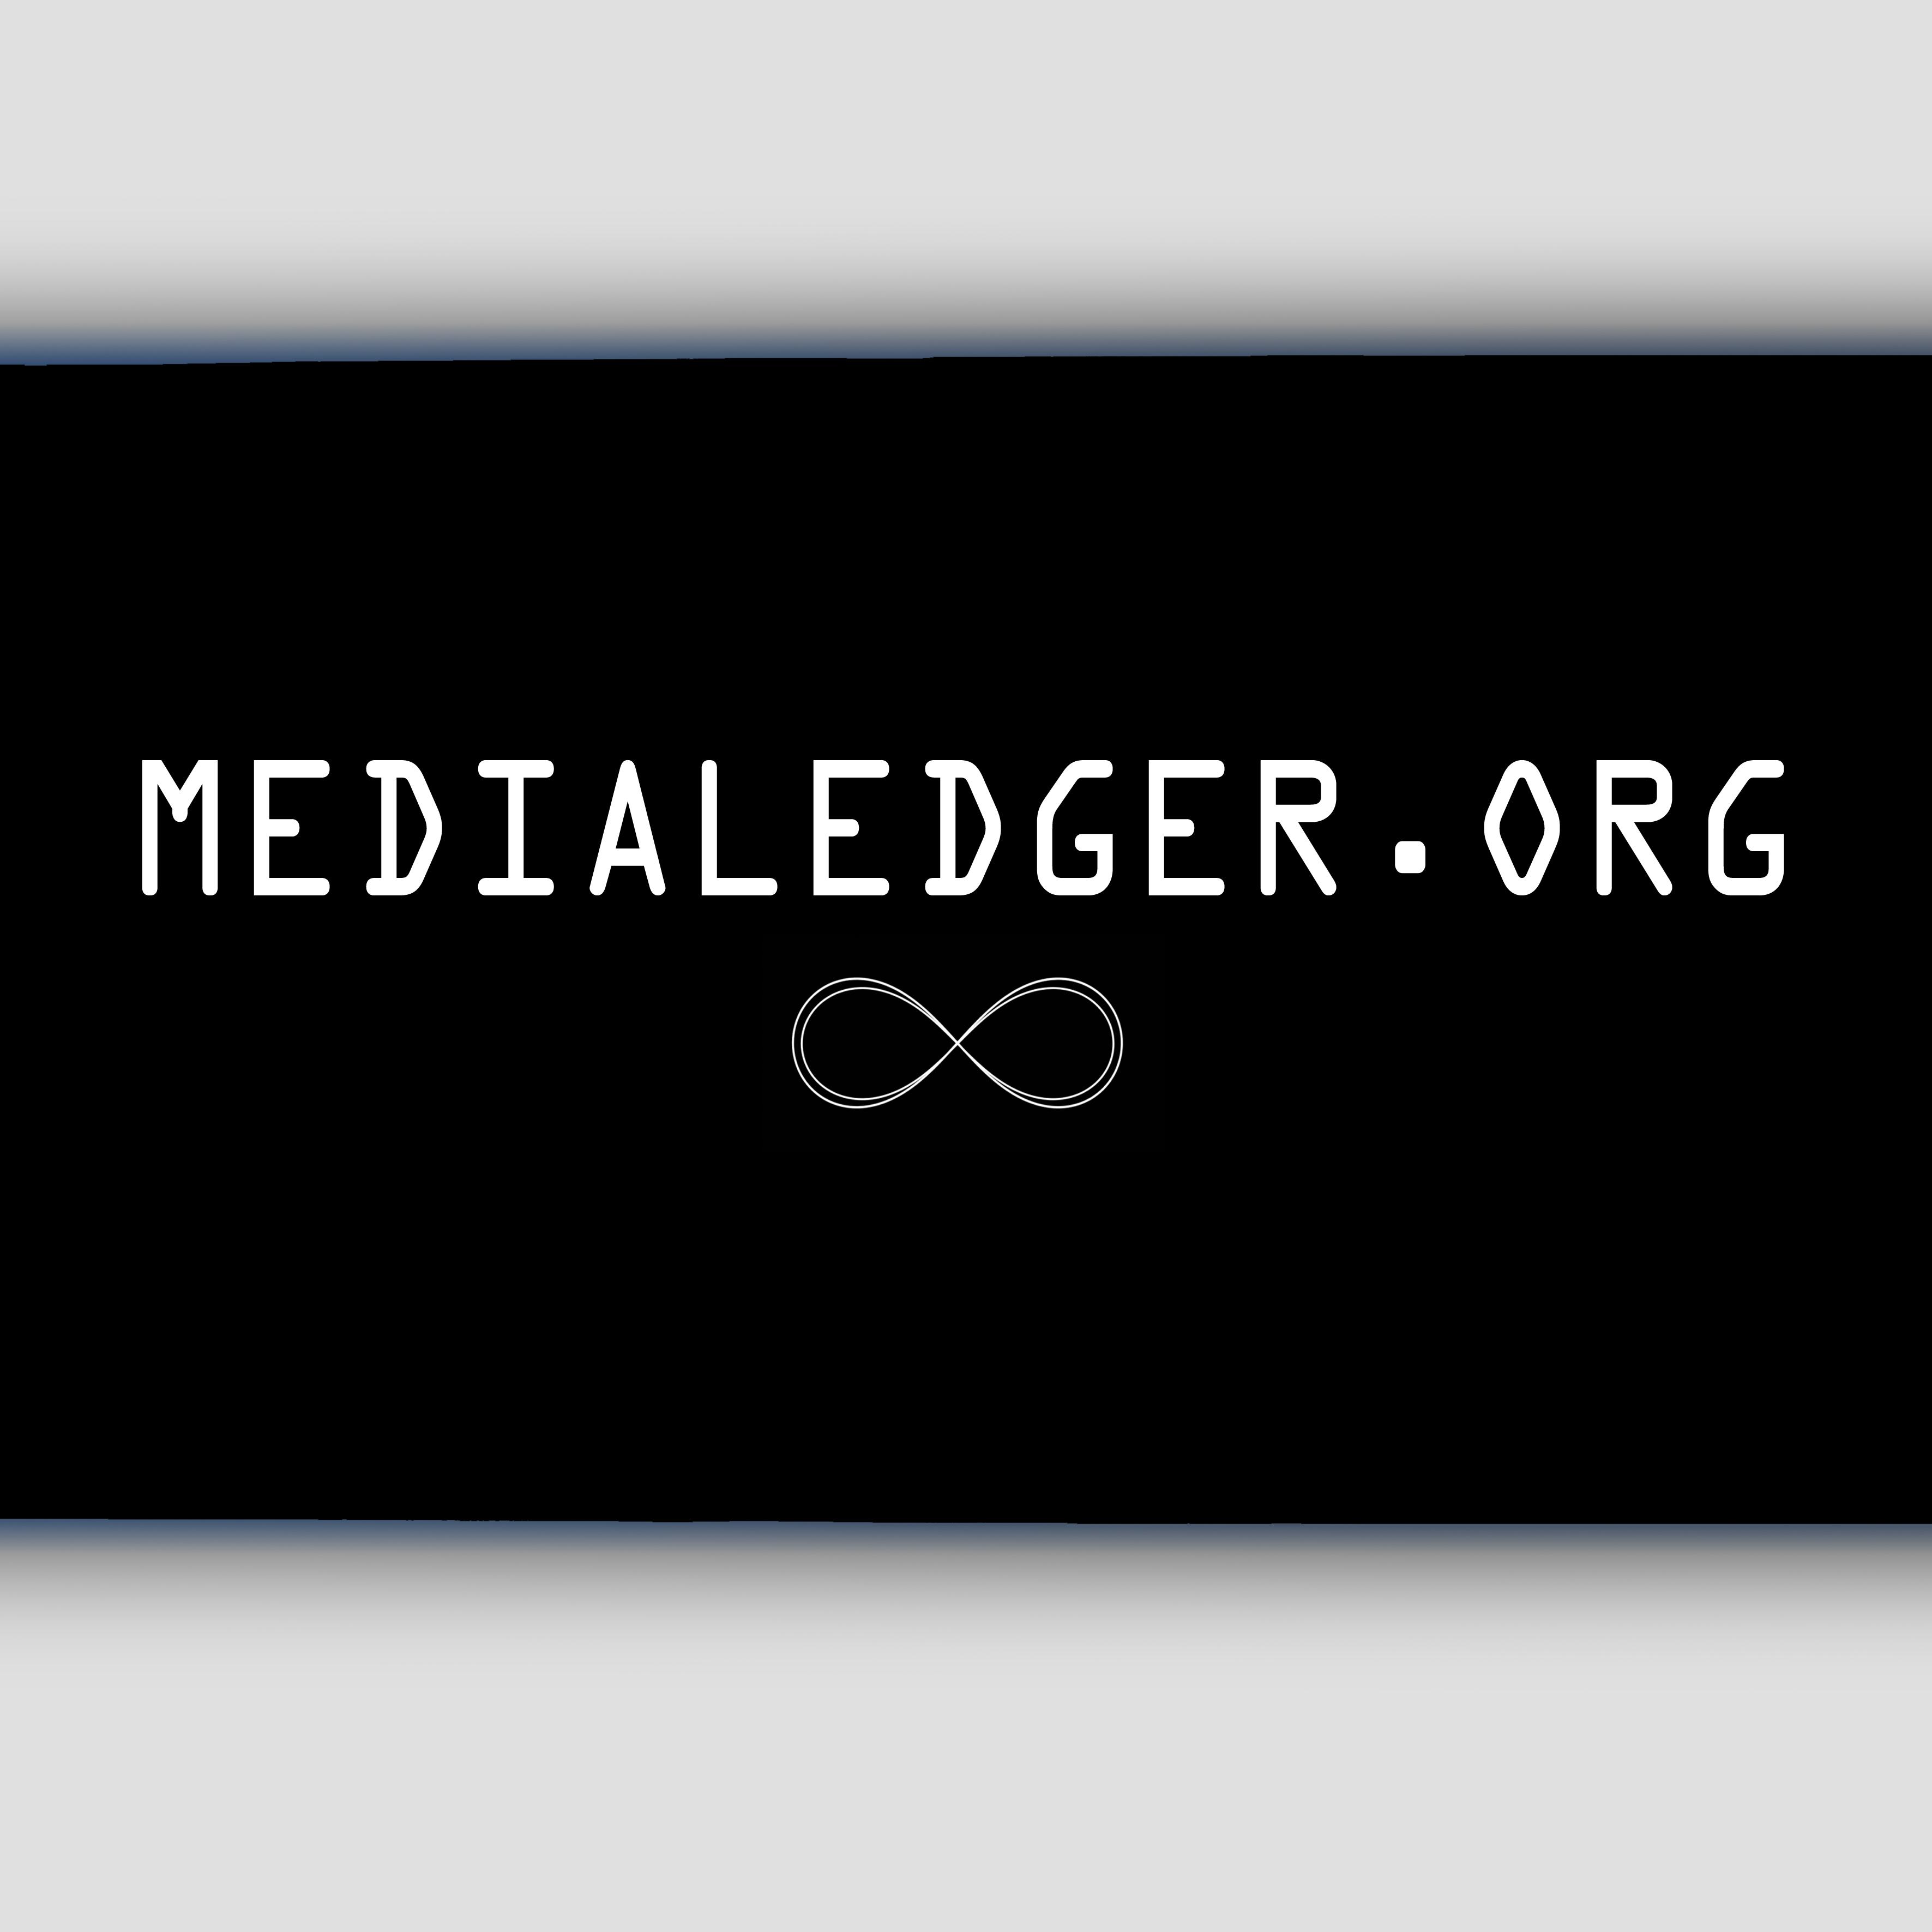 MEDIALEDGER.ORG